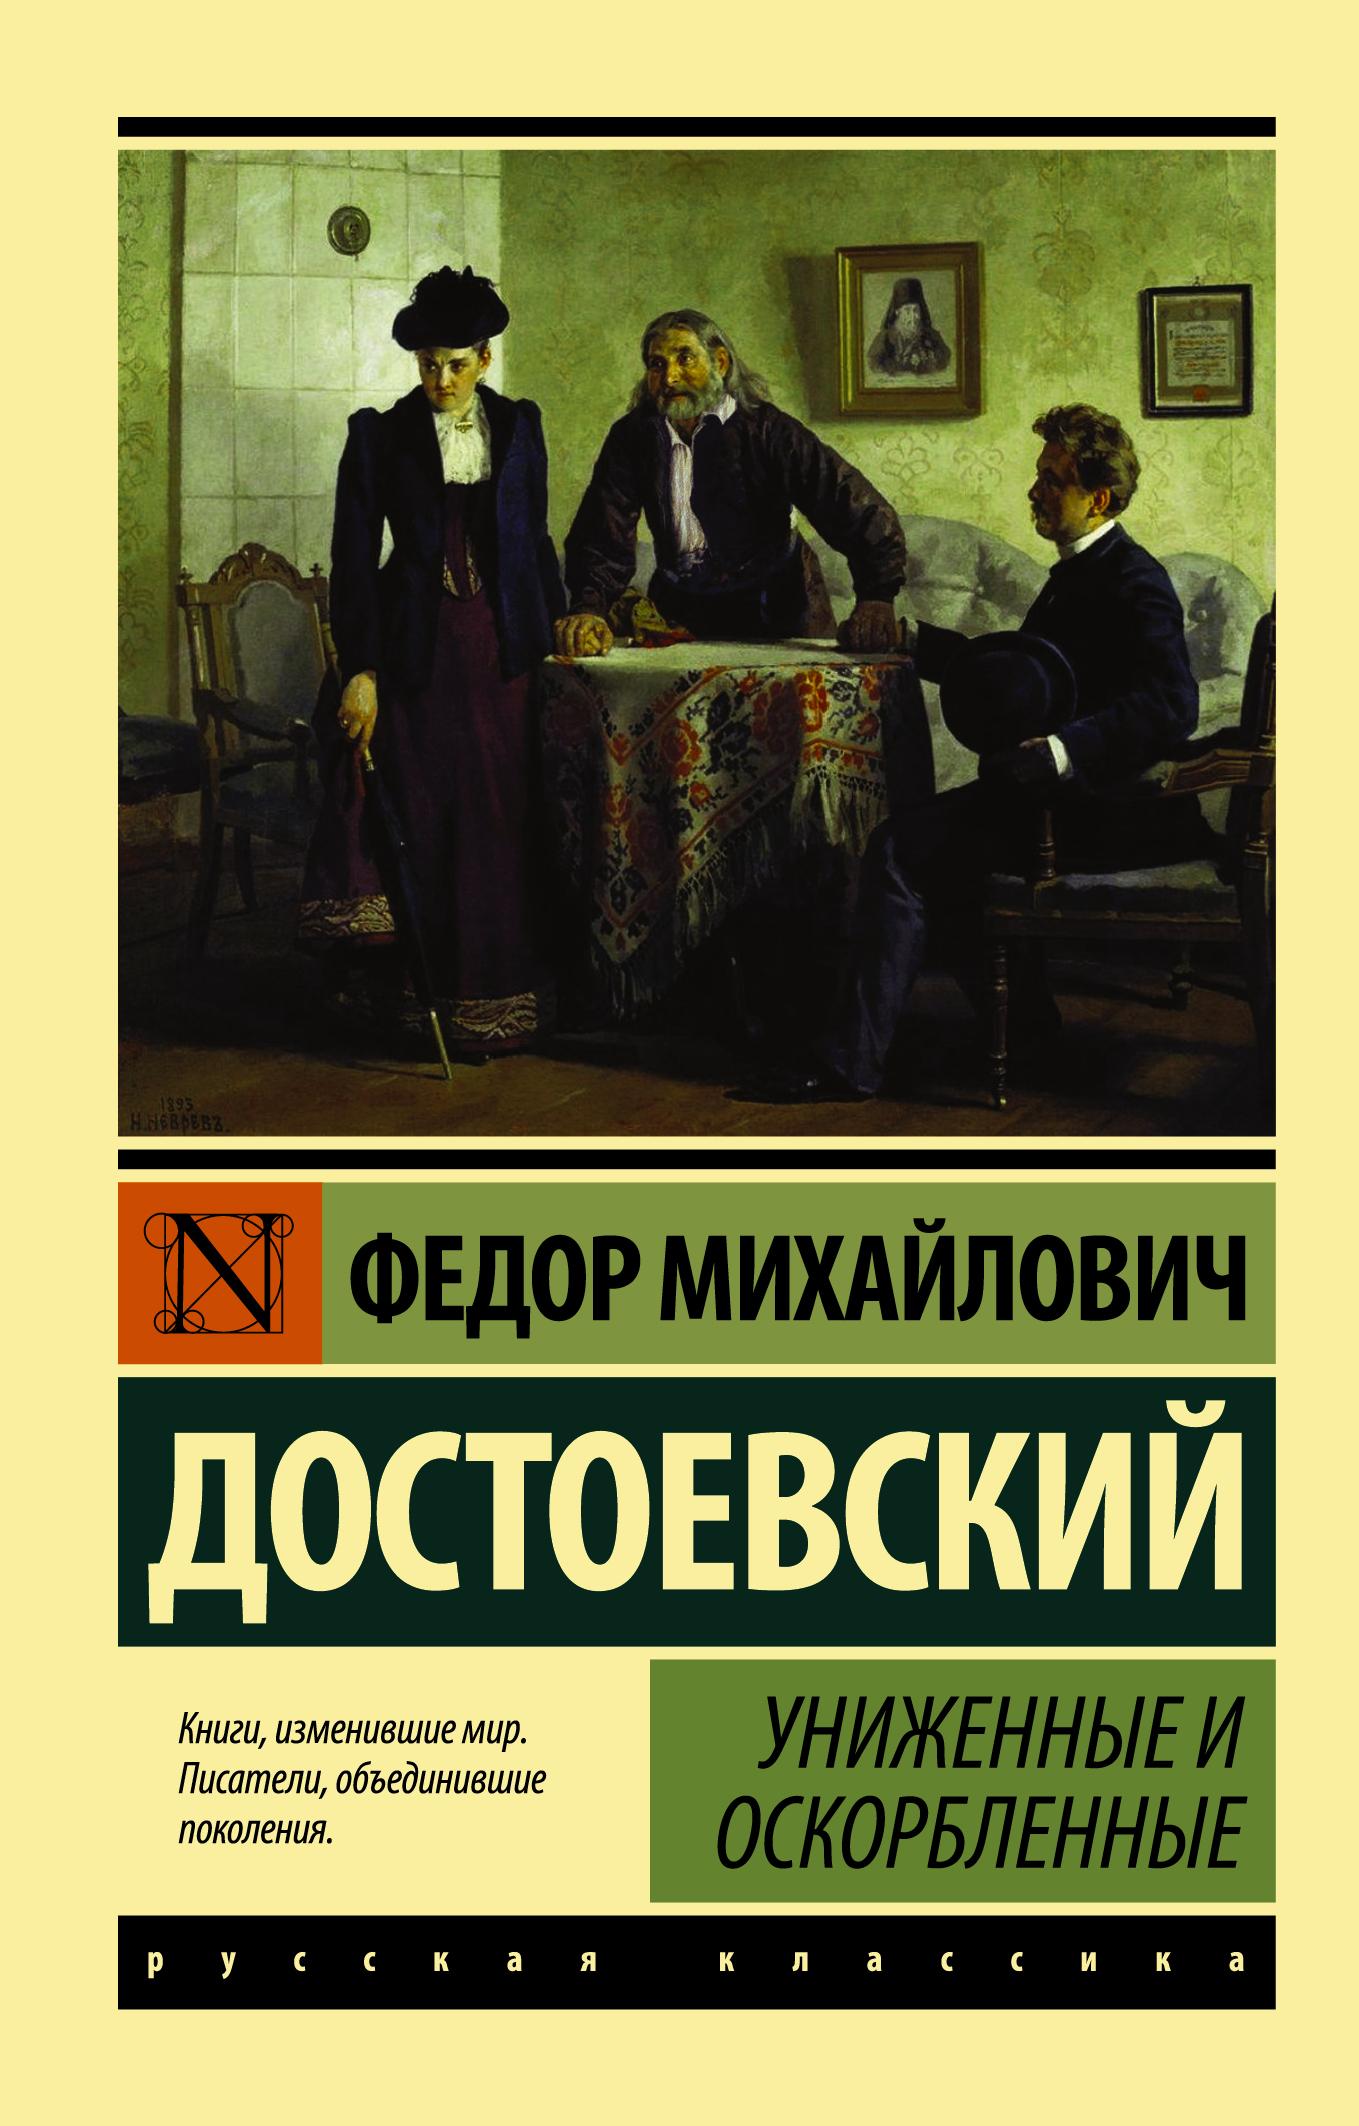 Федор Михайлович Достоевский Униженные и оскорбленные достоевский ф униженные и оскорбленные